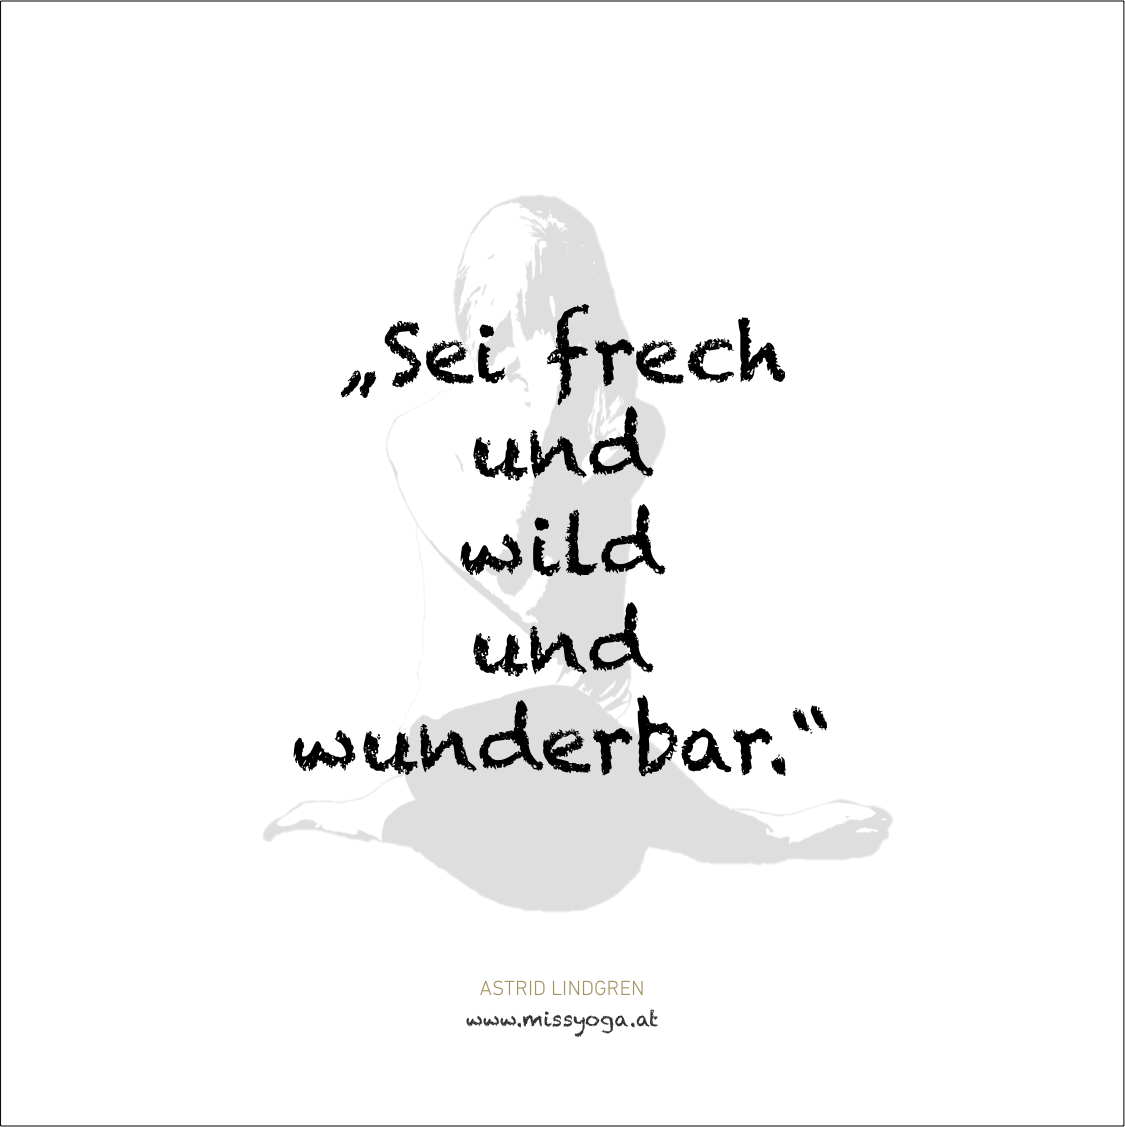 MISS YOGA ZITATE | Astrid Lindgren | Sei frech und wild und wunderabr.png